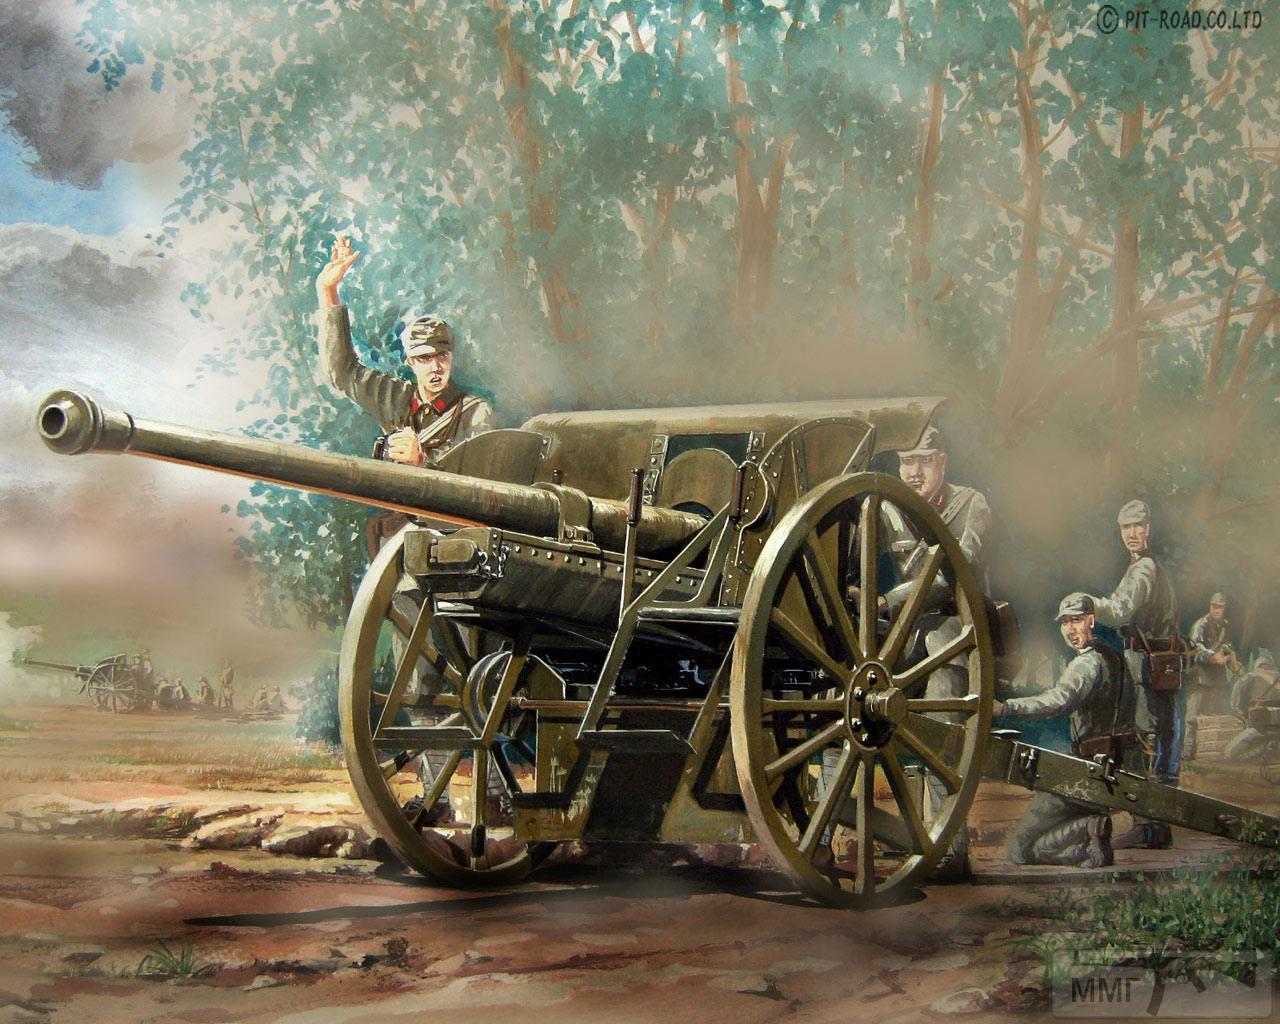 103966 - Японская артиллерия второй мировой